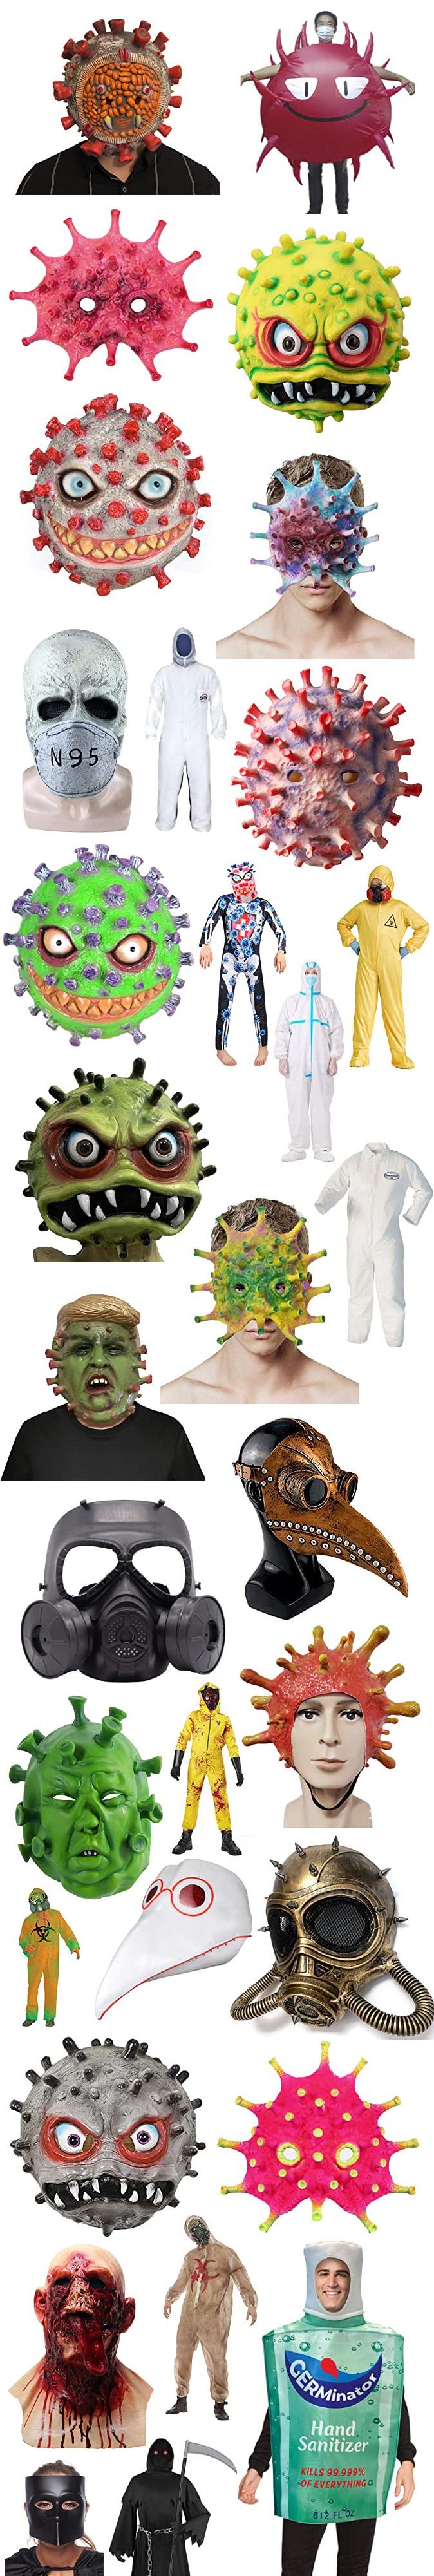 CORONAVIRUS COVID HALLOWEEN 2020 COSTUMES